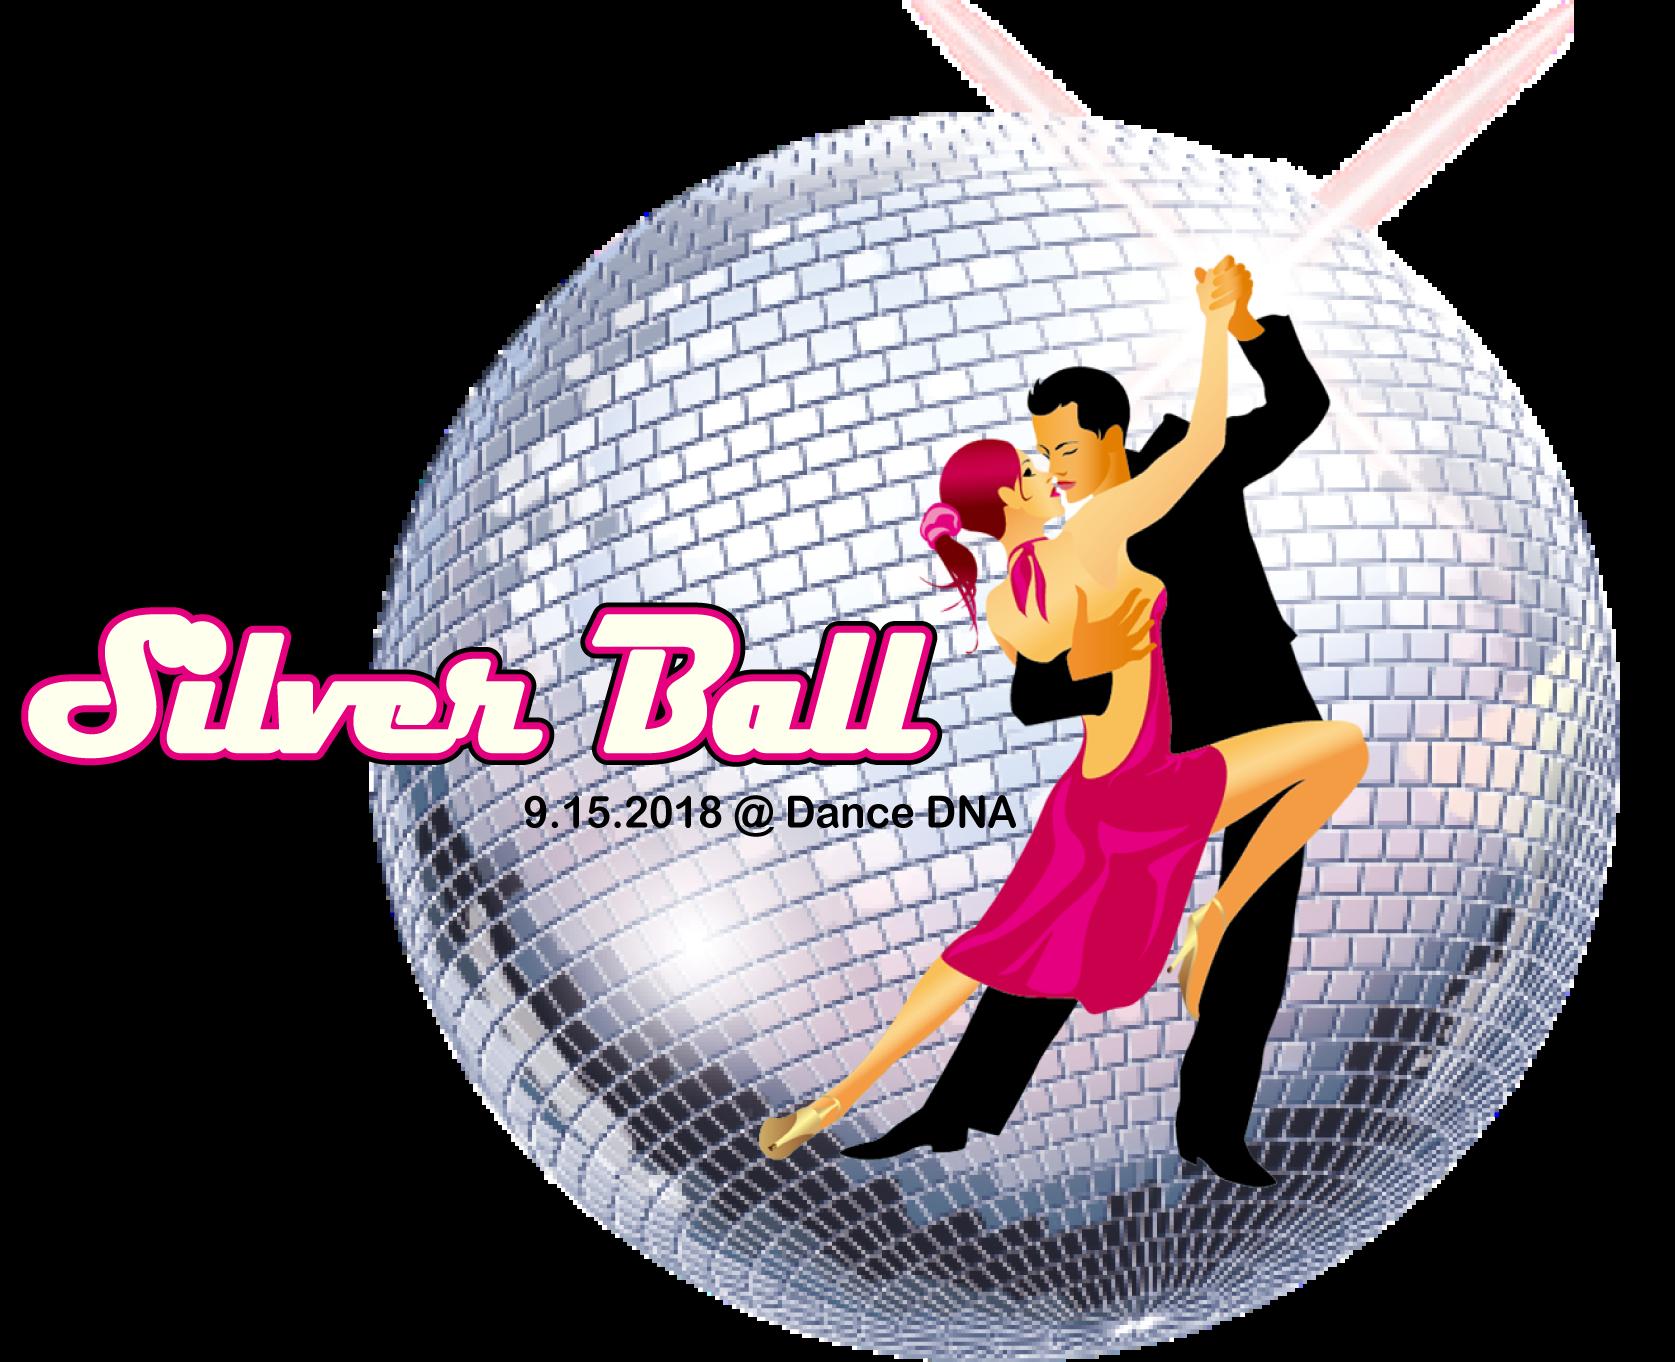 Silver Ball logo